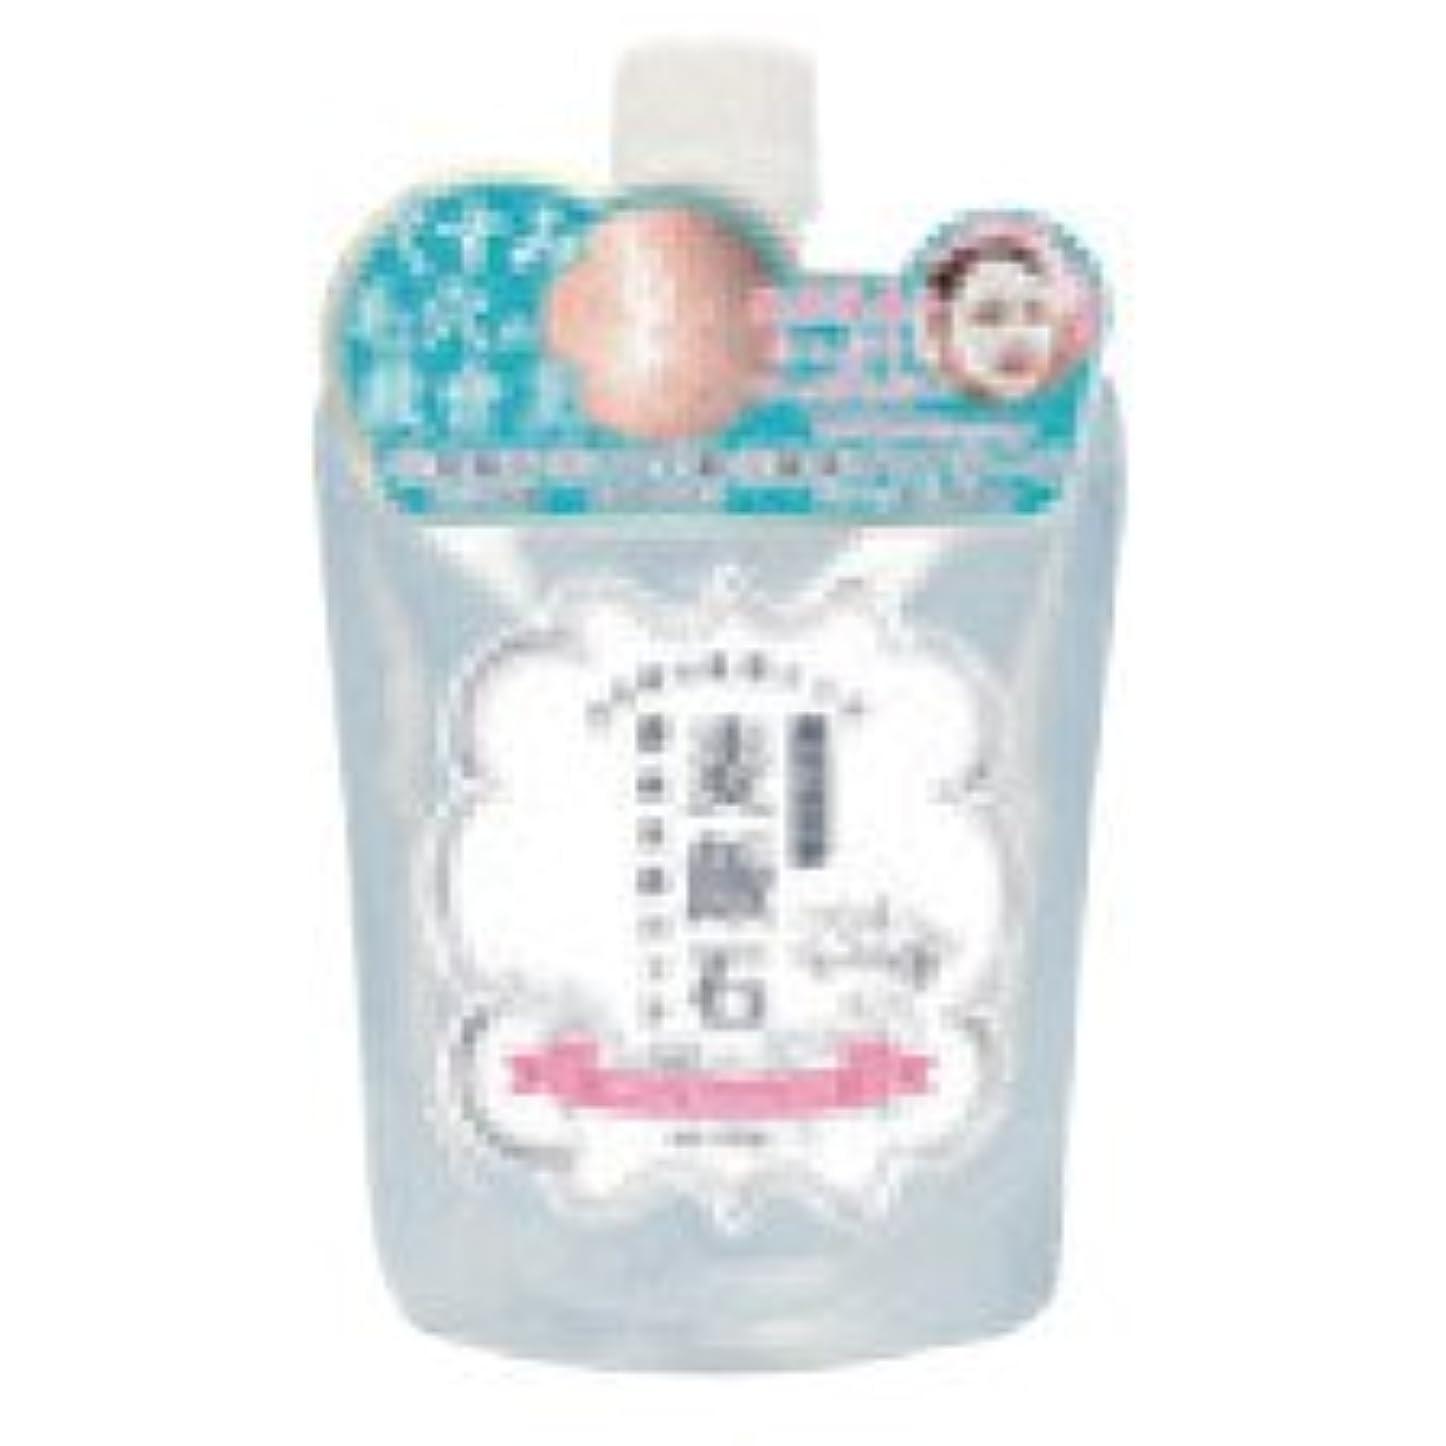 チロできたノミネートホワイトムースパック 美濃白川麦飯石酵素洗顔パック 100g 3個セット